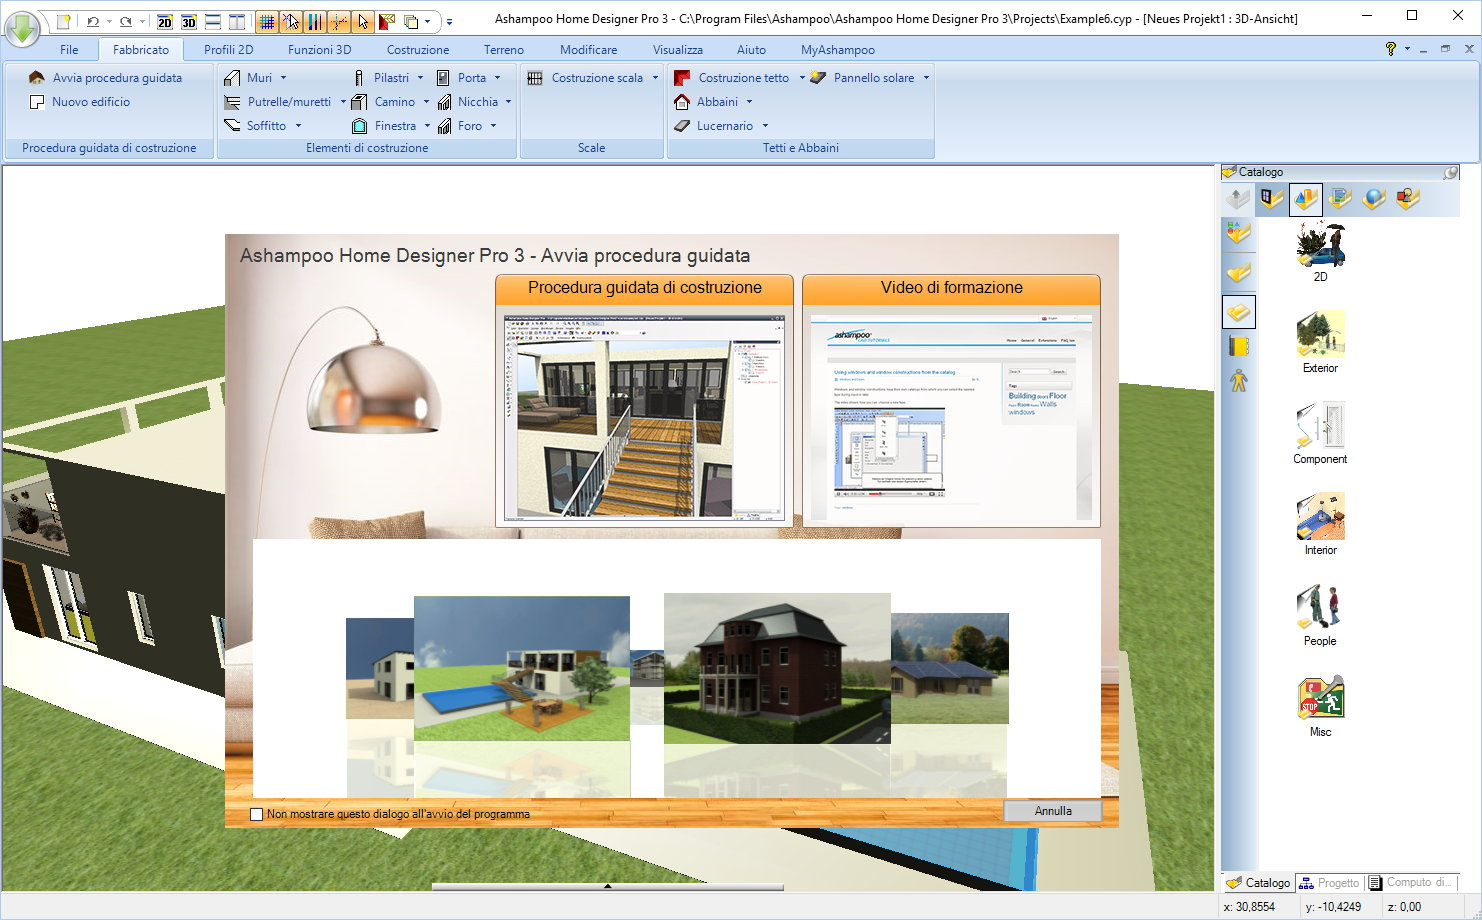 ashampoo home designer pro 3 panoramica